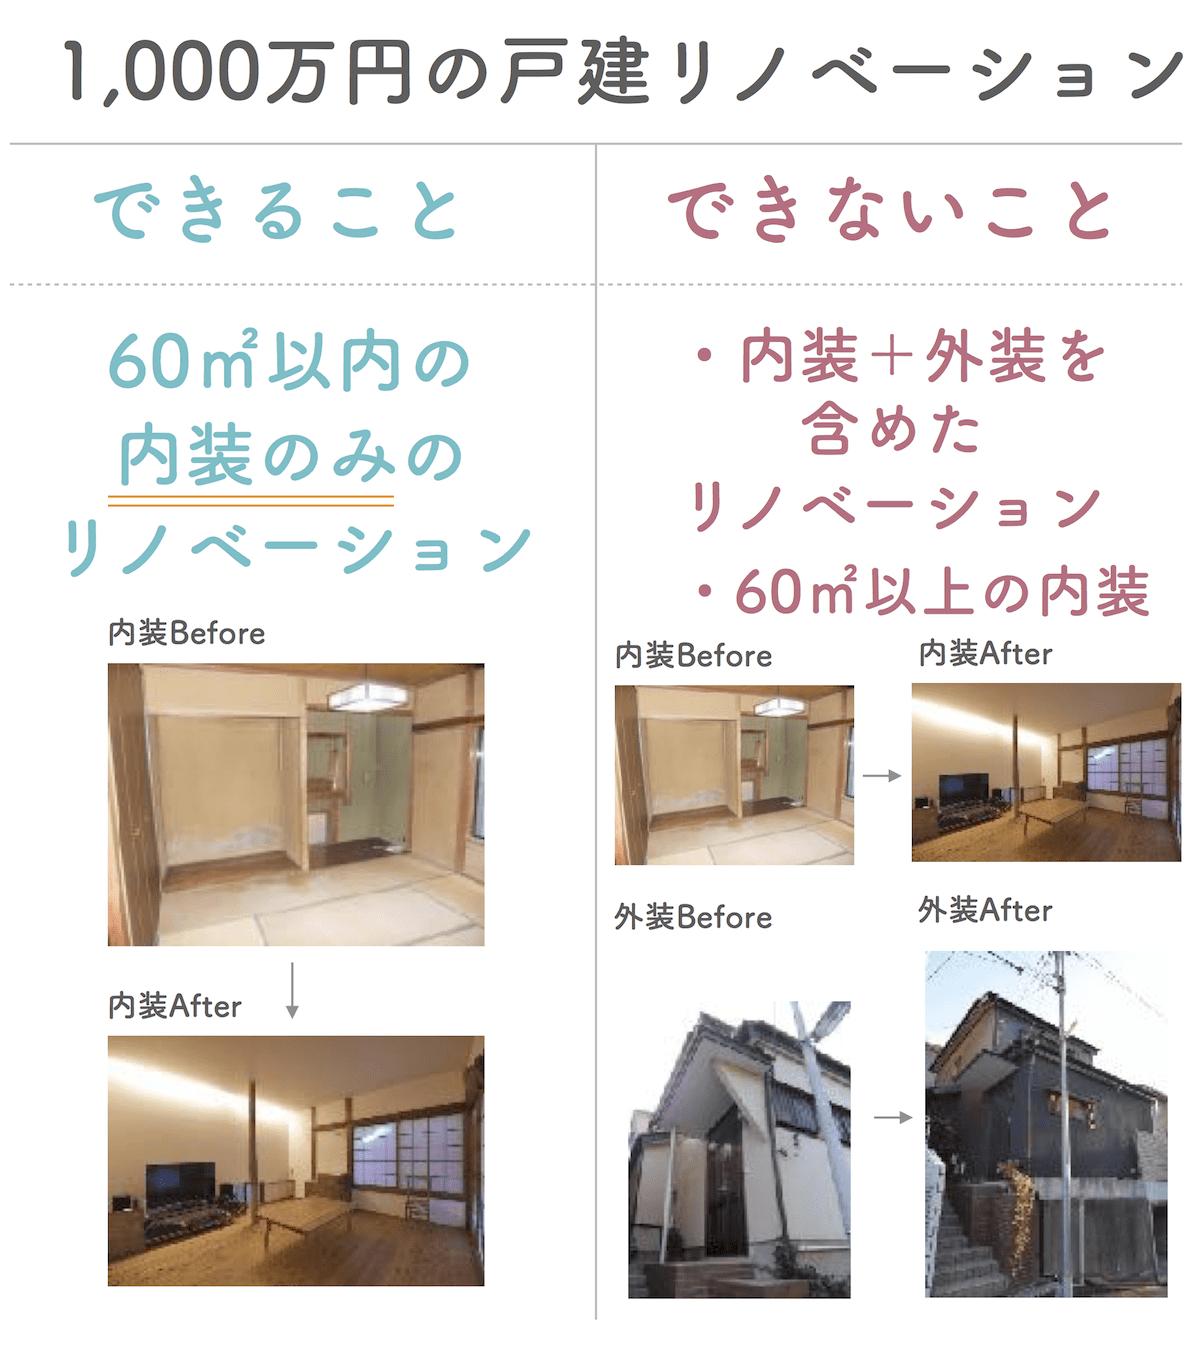 リノベーション1000万円 (1)